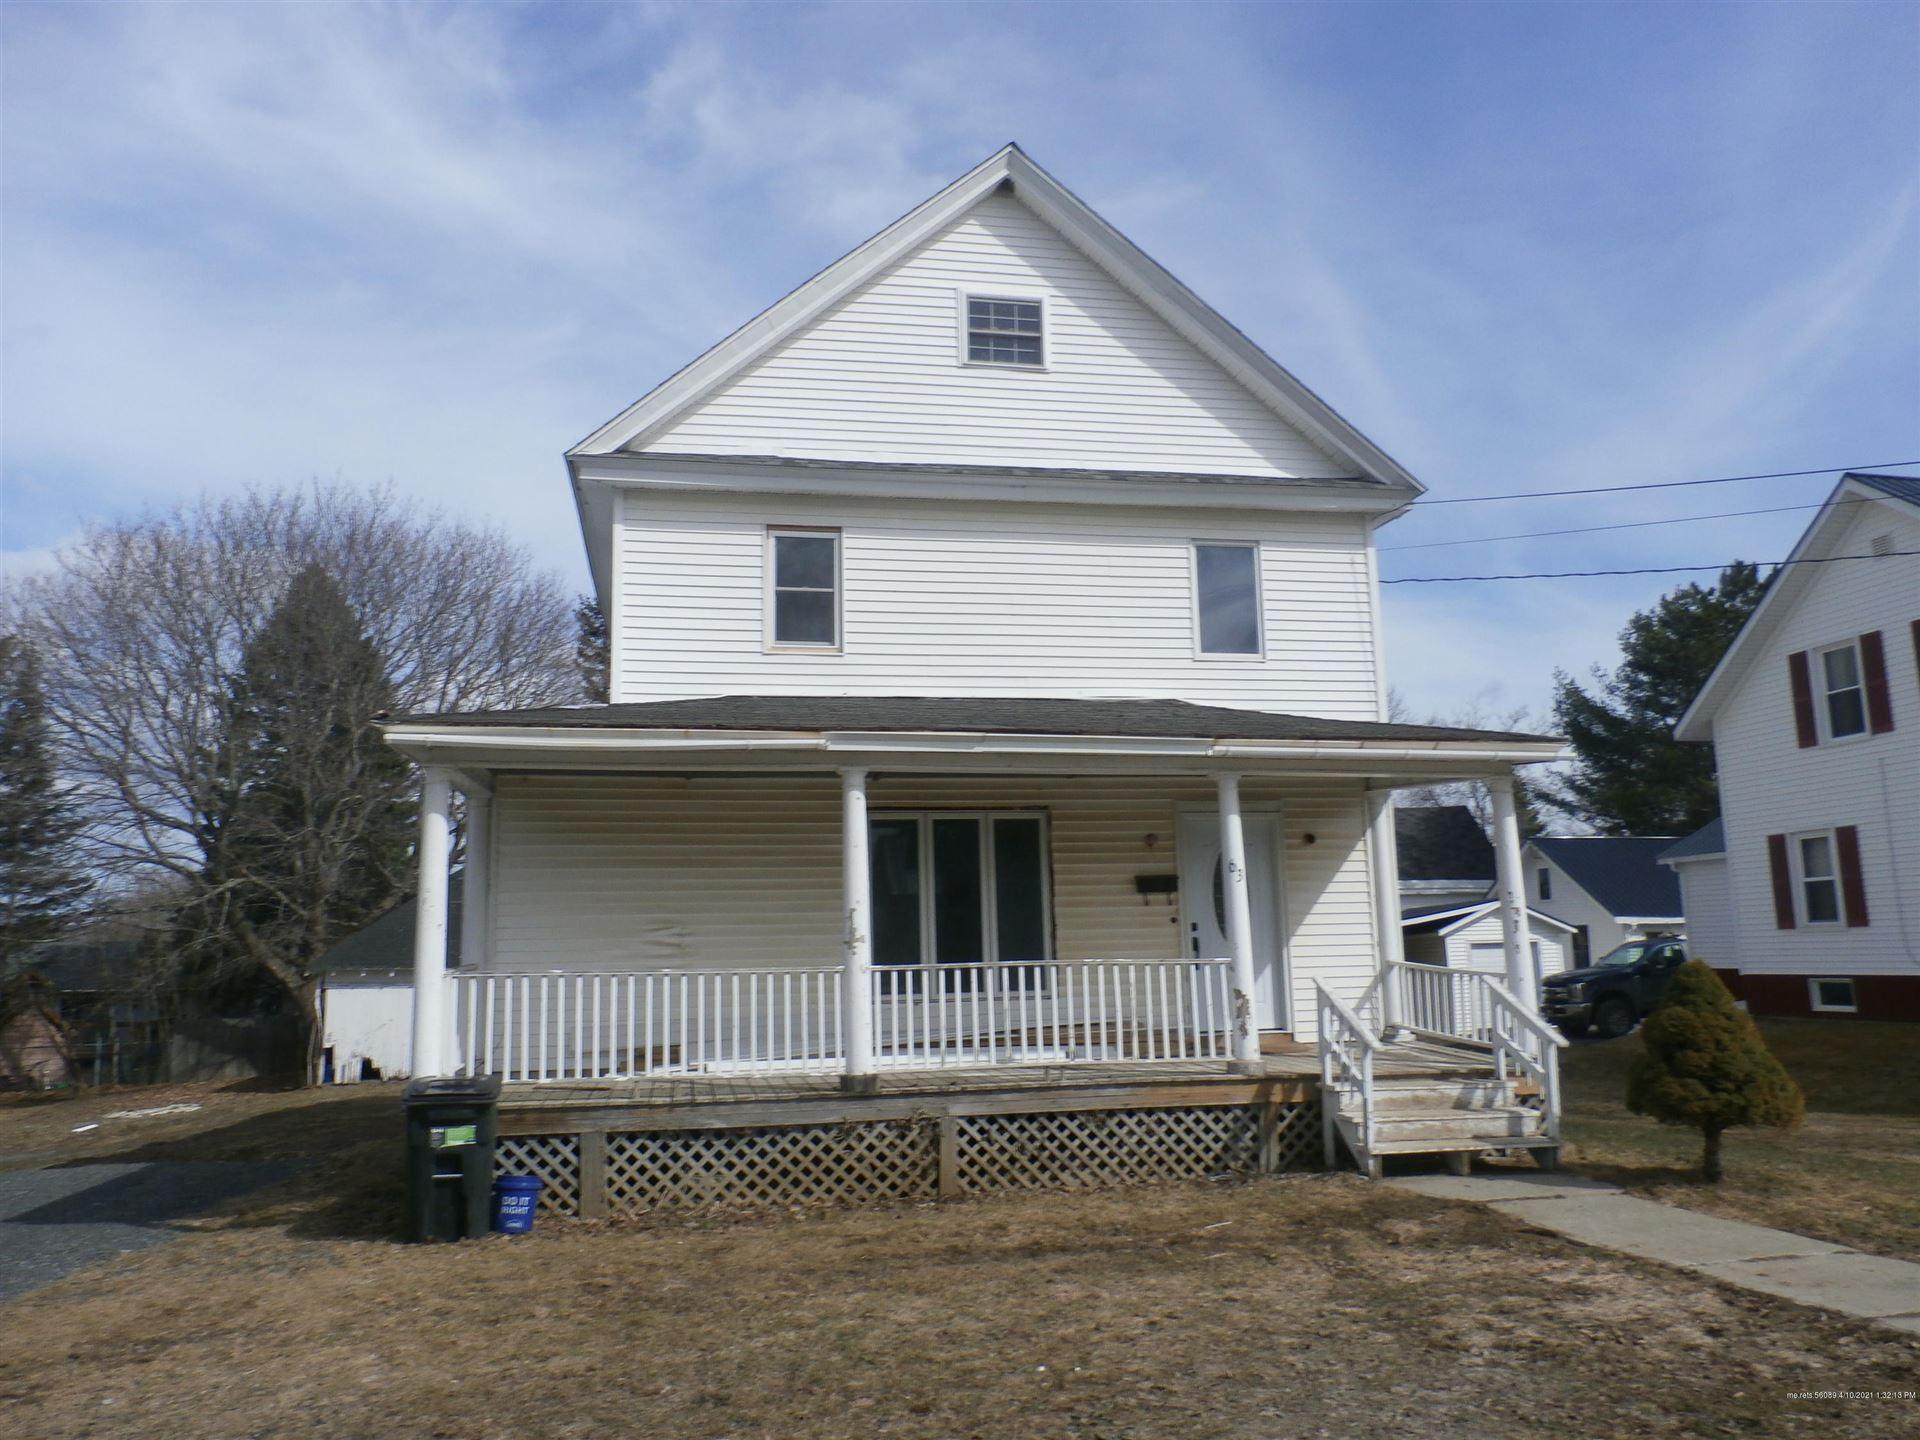 Photo of 63 Elm Street, Fort Fairfield, ME 04742 (MLS # 1486052)